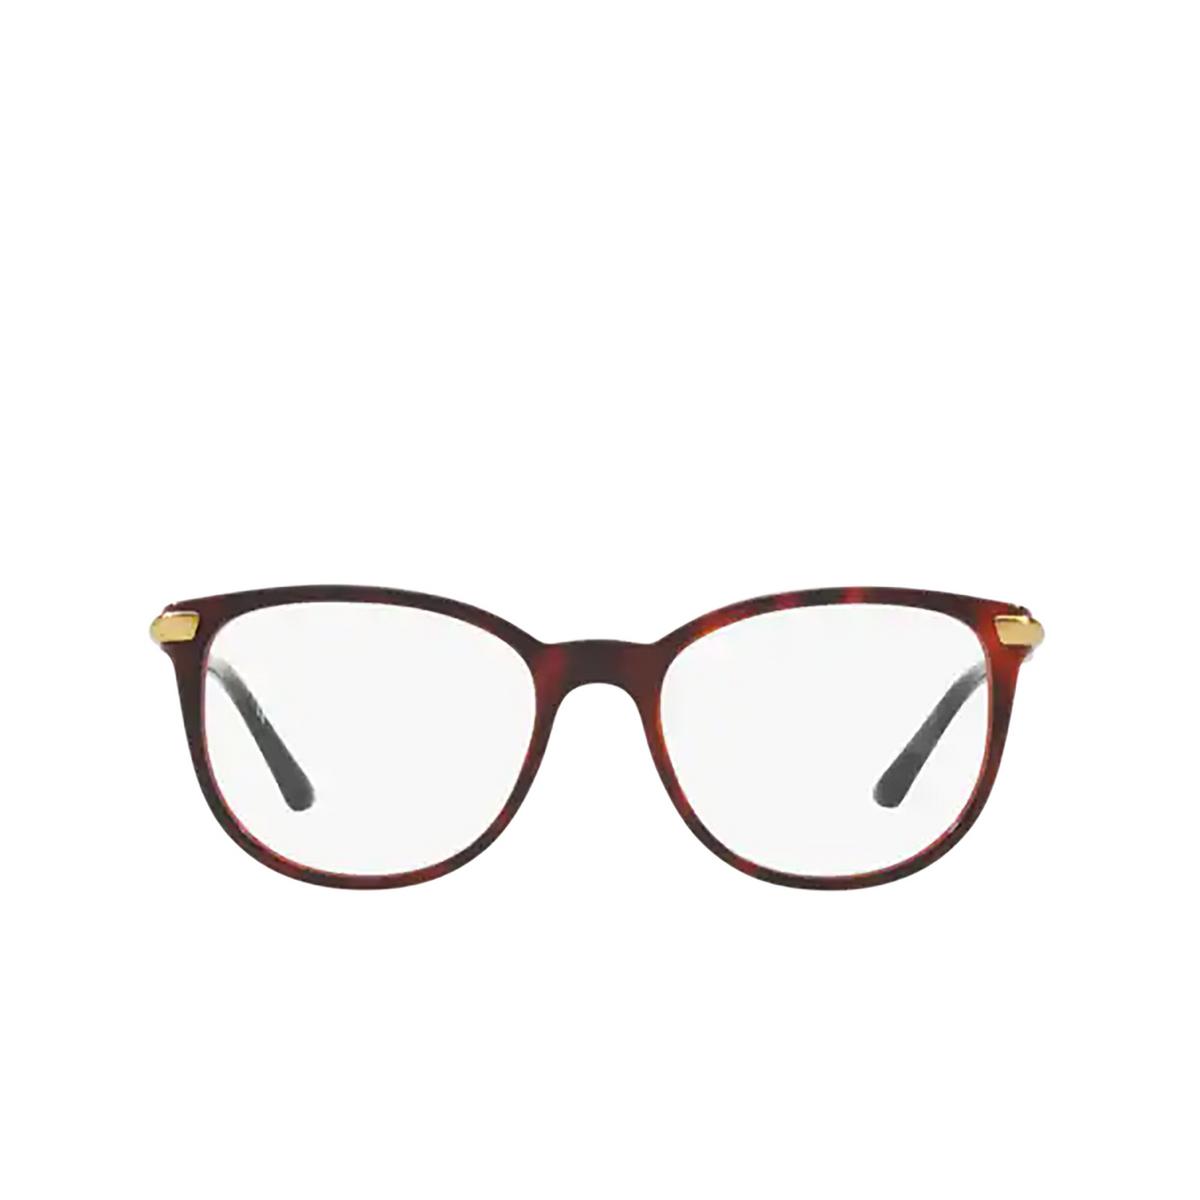 Burberry® Square Eyeglasses: BE2255Q color Top Havana On Bordeaux 3657 - front view.